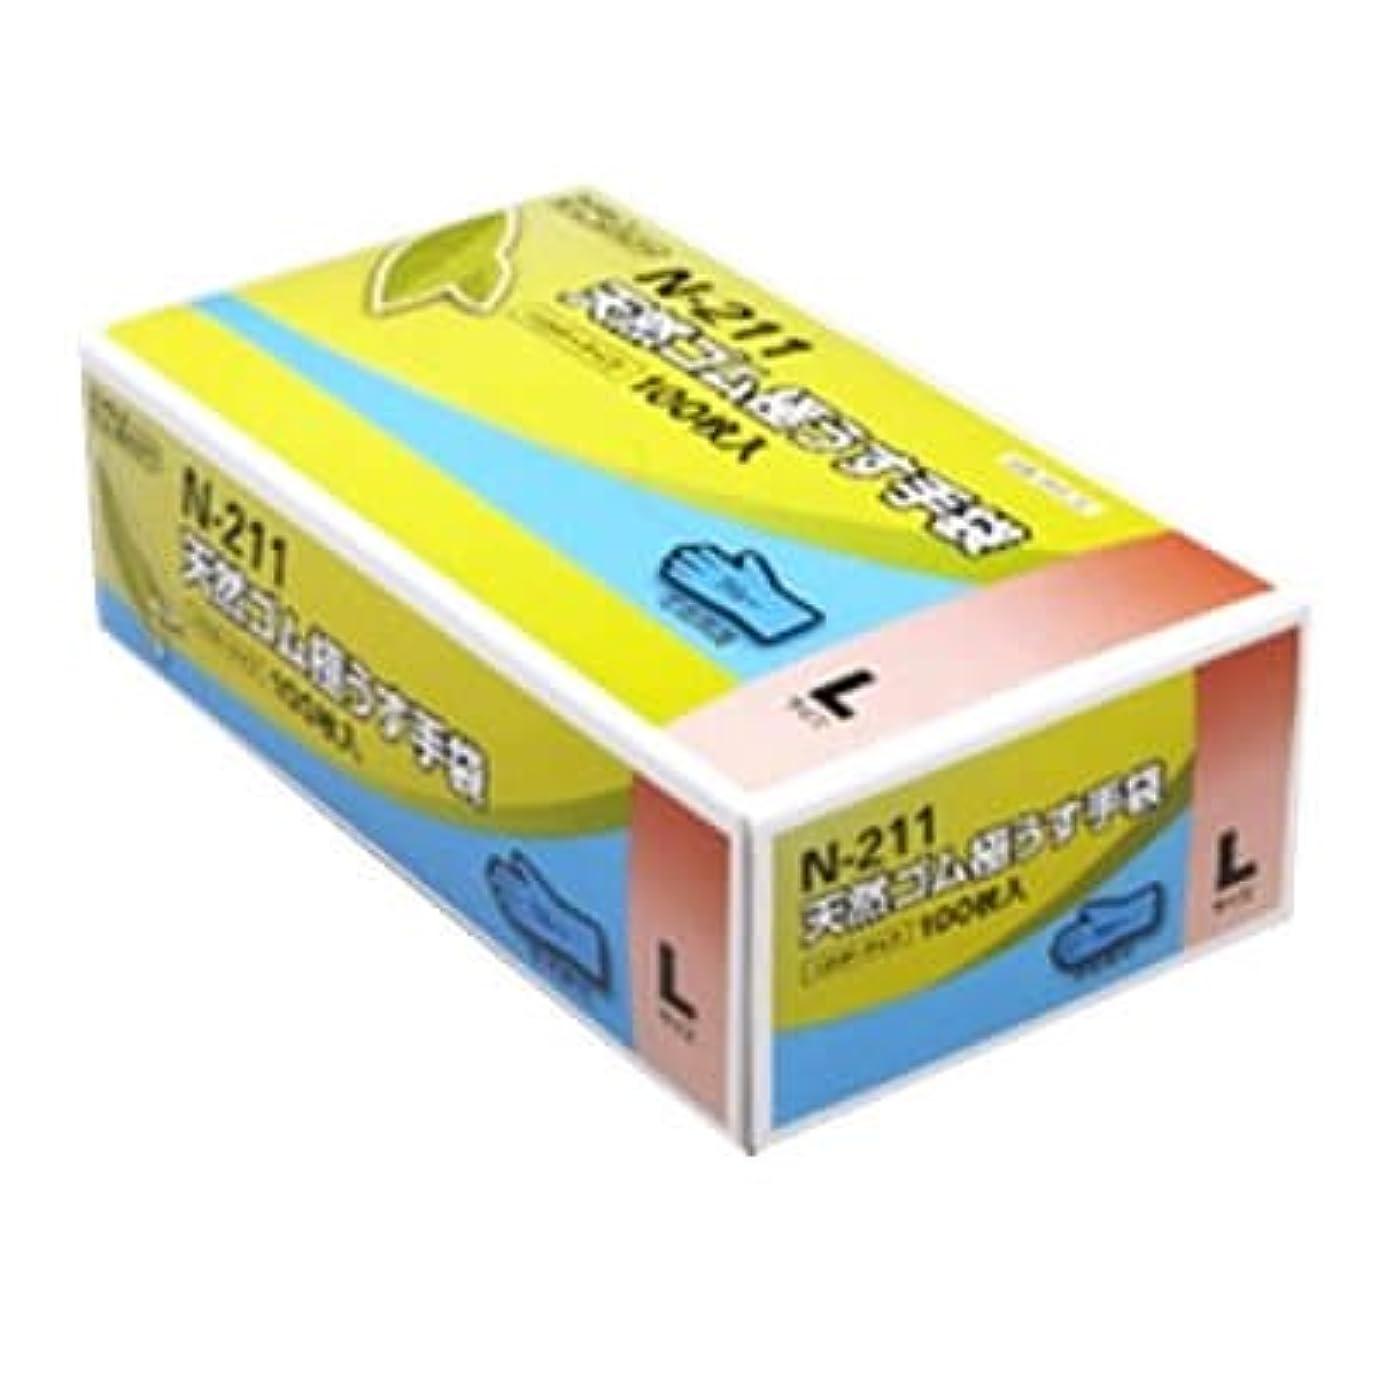 肥沃なサラミコウモリ【ケース販売】 ダンロップ 天然ゴム極うす手袋 N-211 L ブルー (100枚入×20箱)